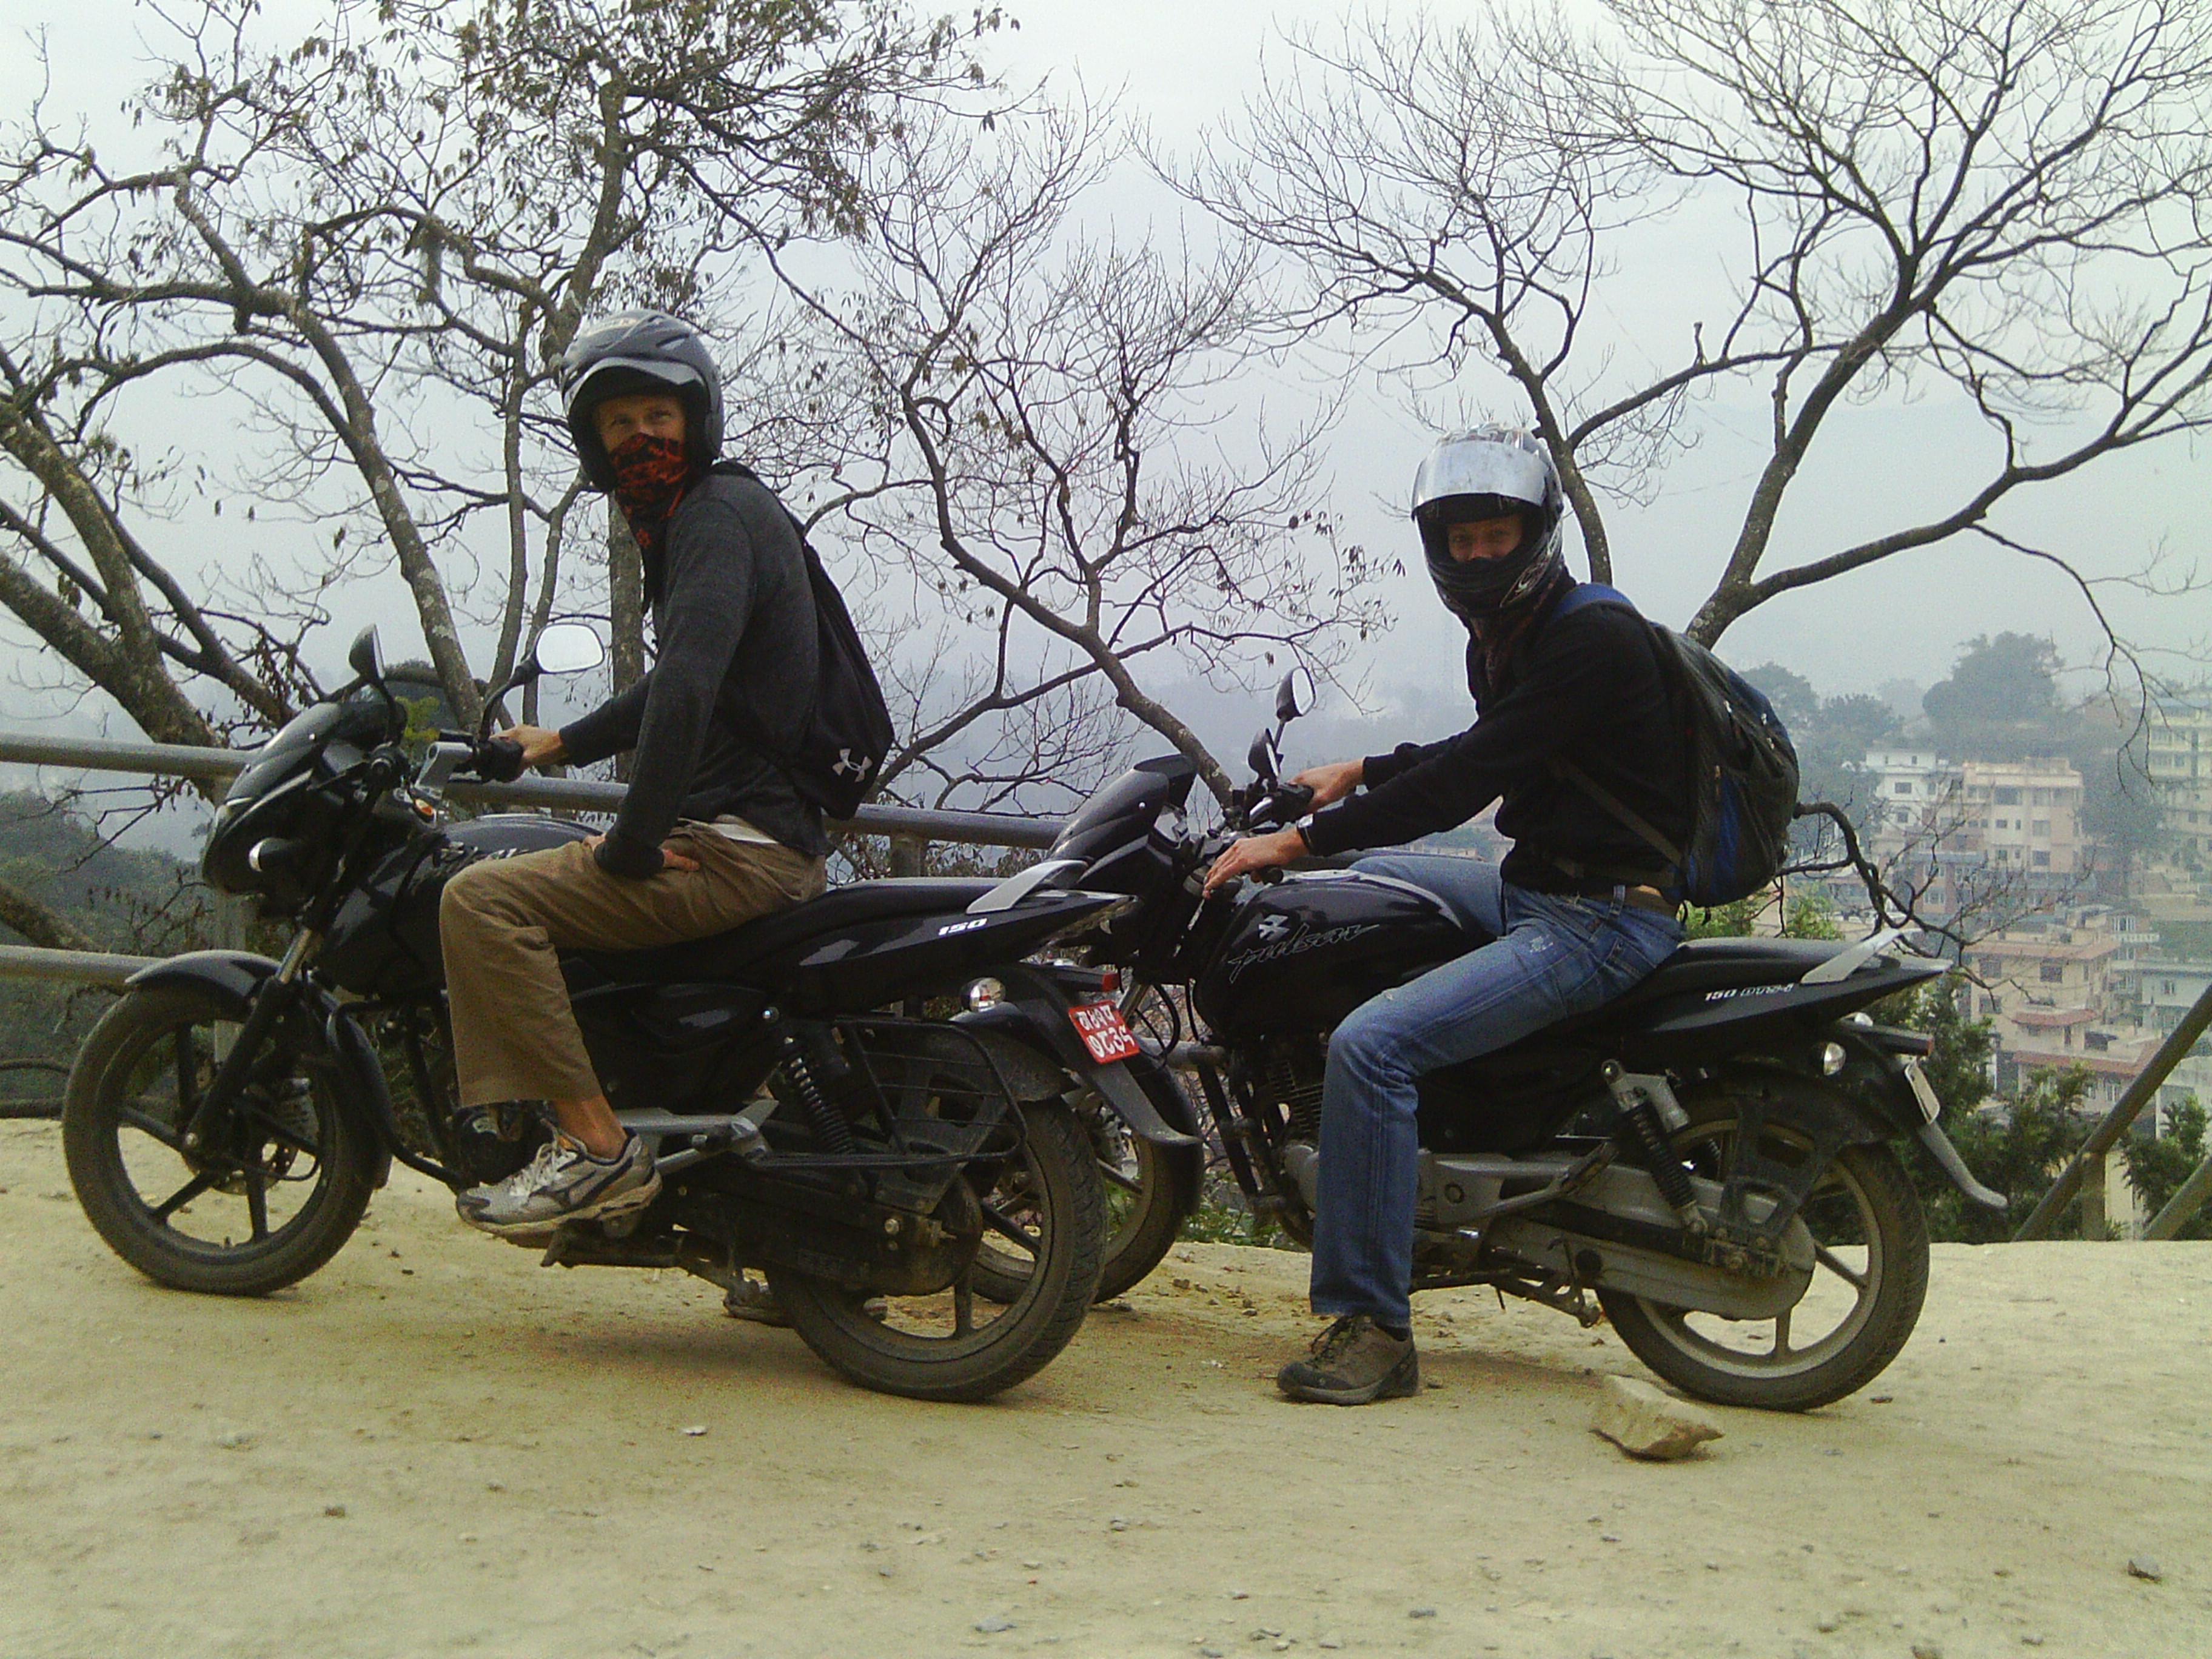 Friends on motorcycles.JPG